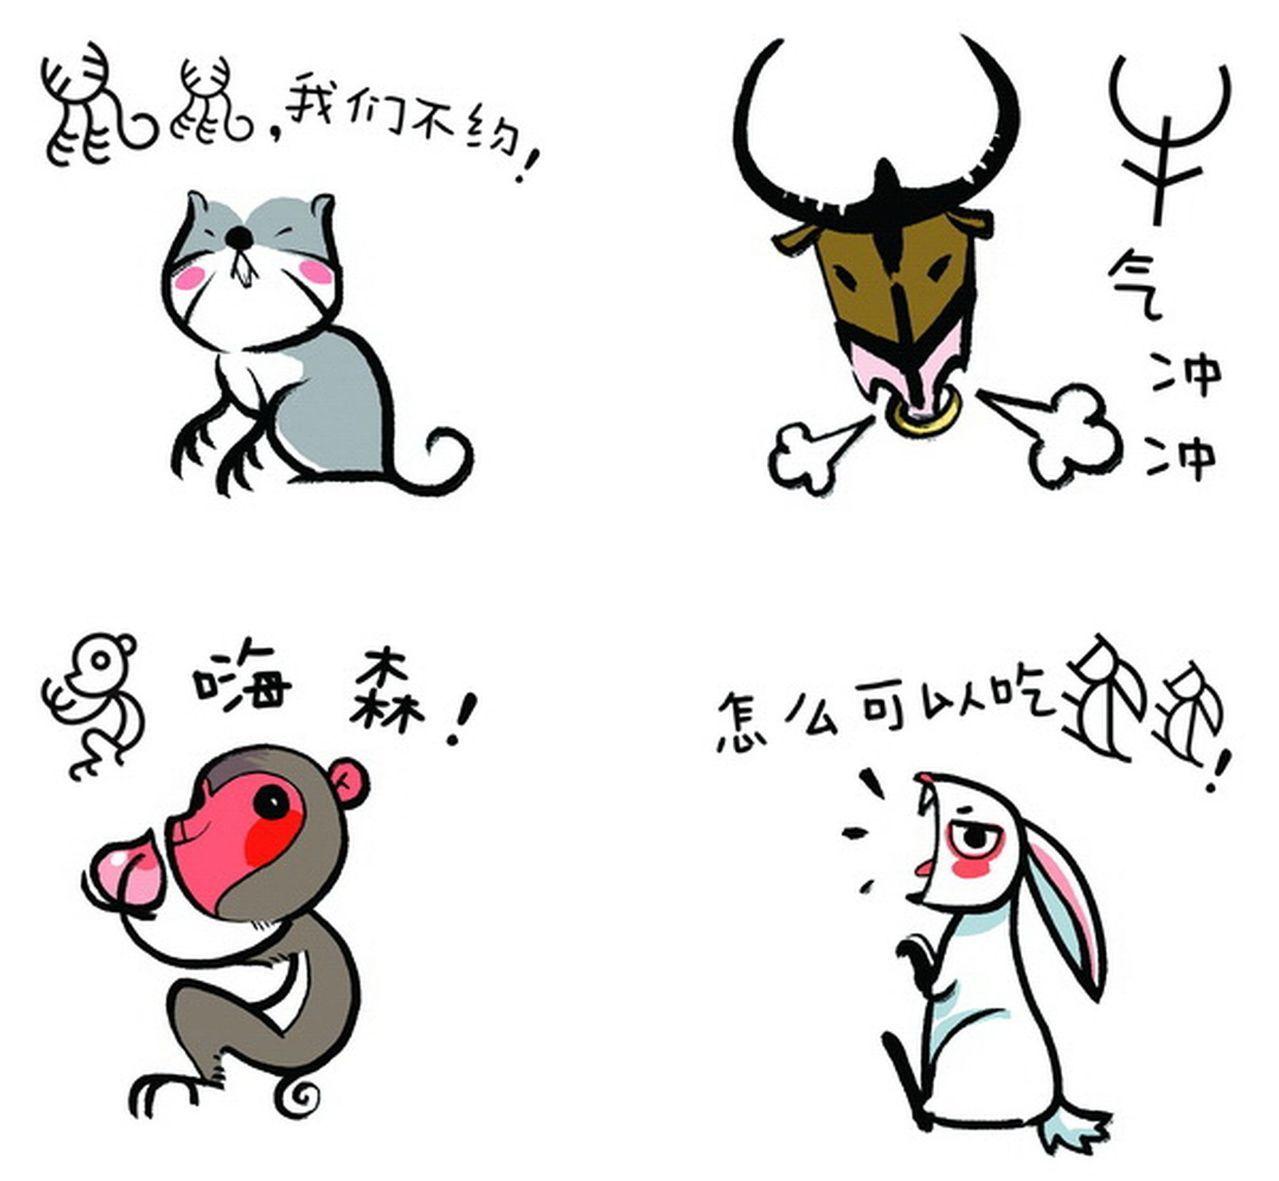 阿优之神奇萝卜全集在线观看-动漫频道-3397影视移动版